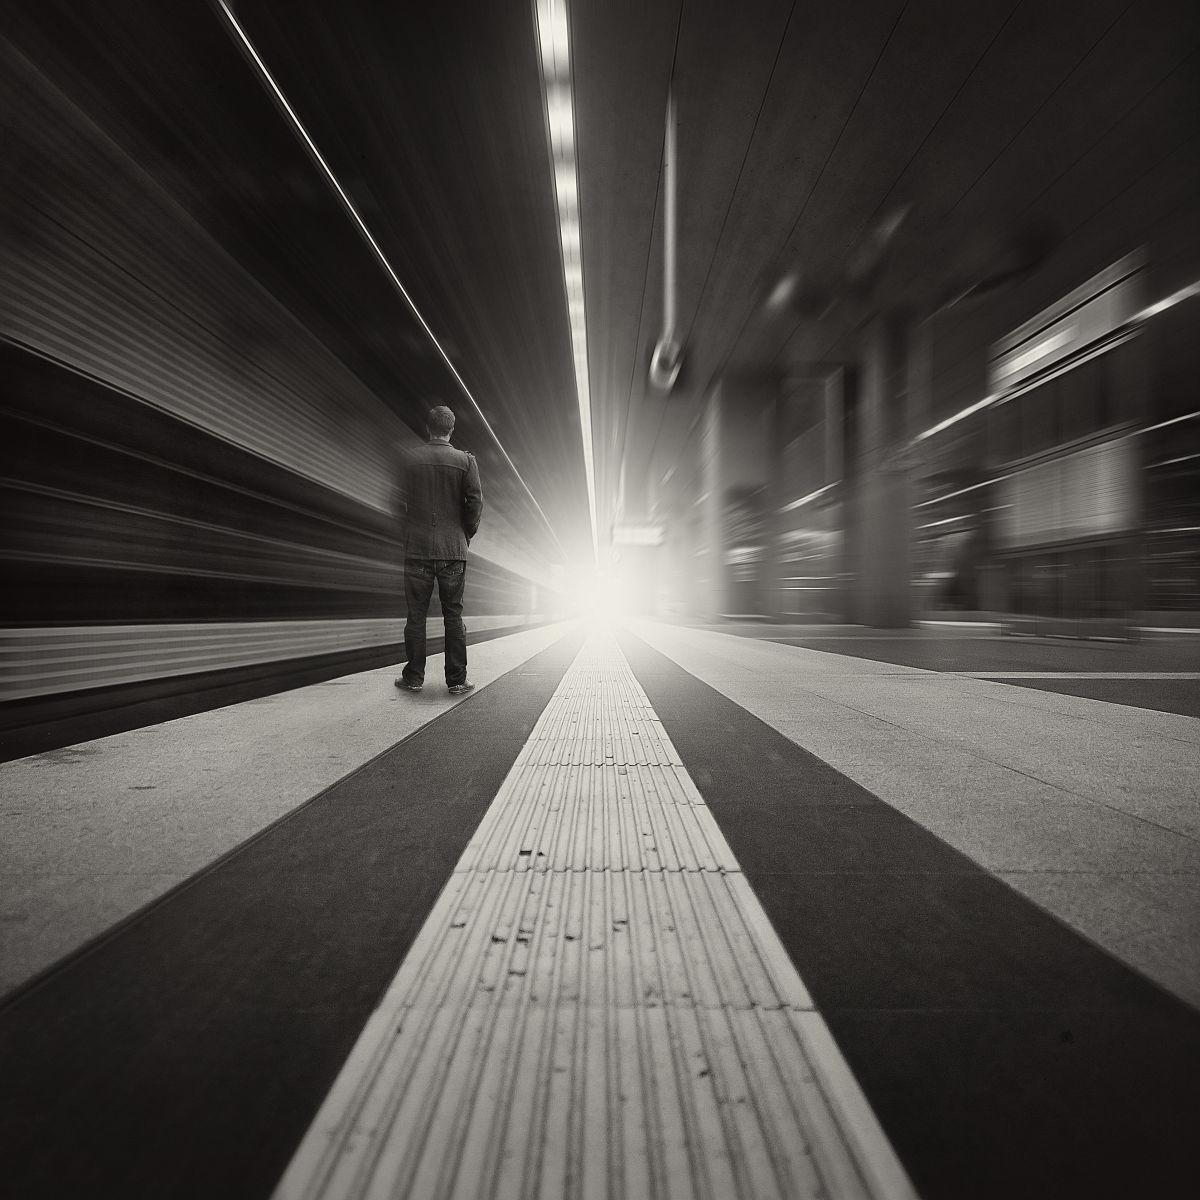 男子在地铁站,柏林,德国图片